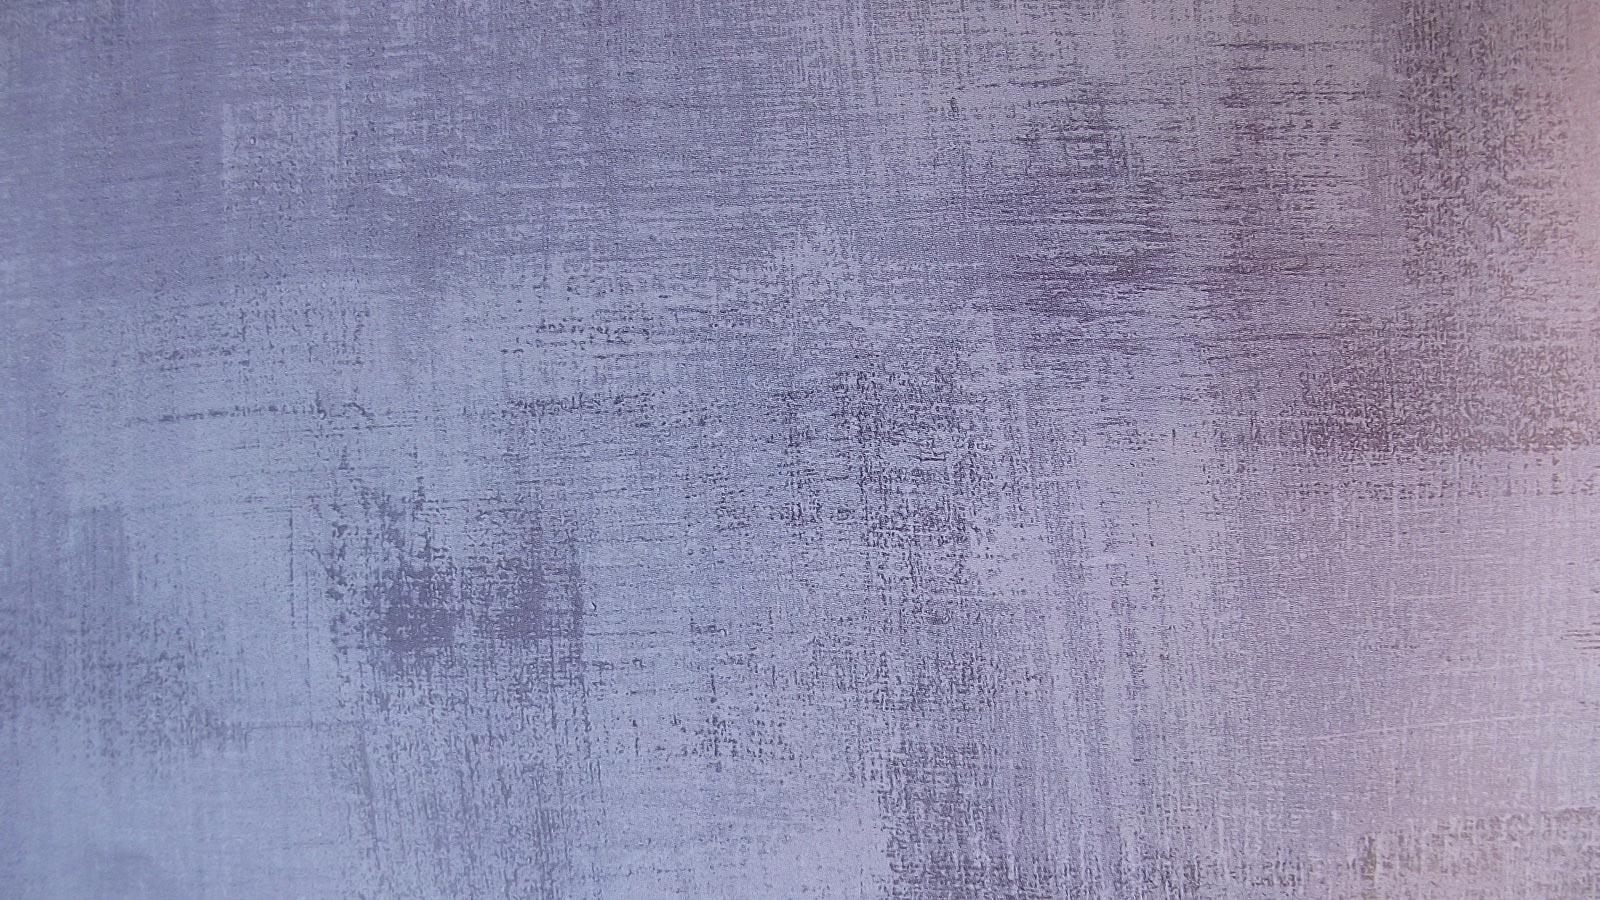 Textura de un lienzo pintado